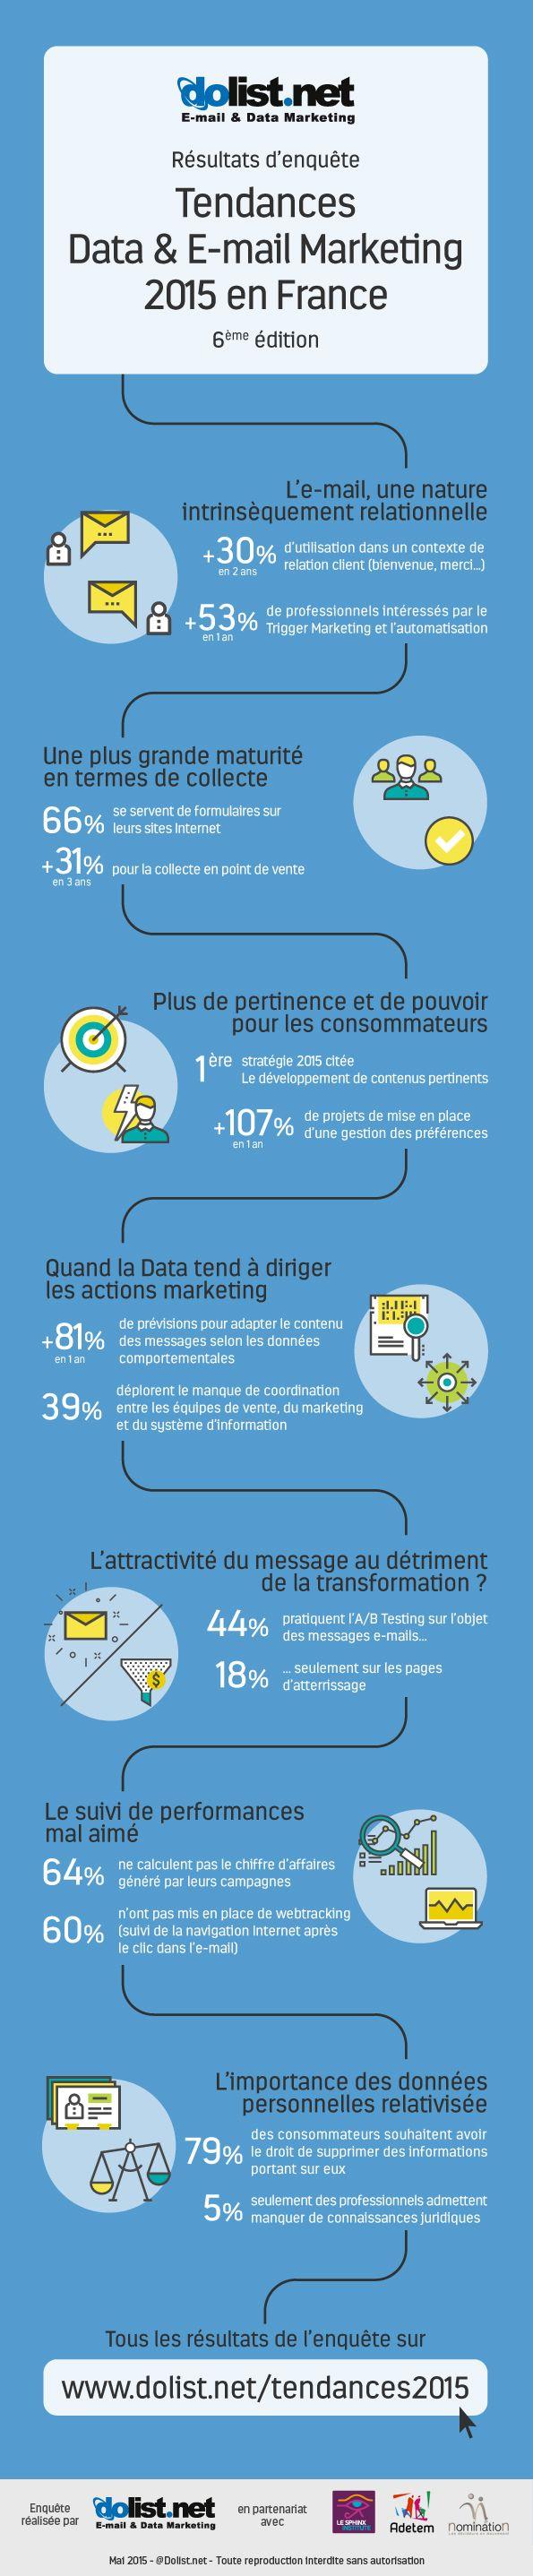 Les tendances Data & Email Marketing 2015 en France (infographie)